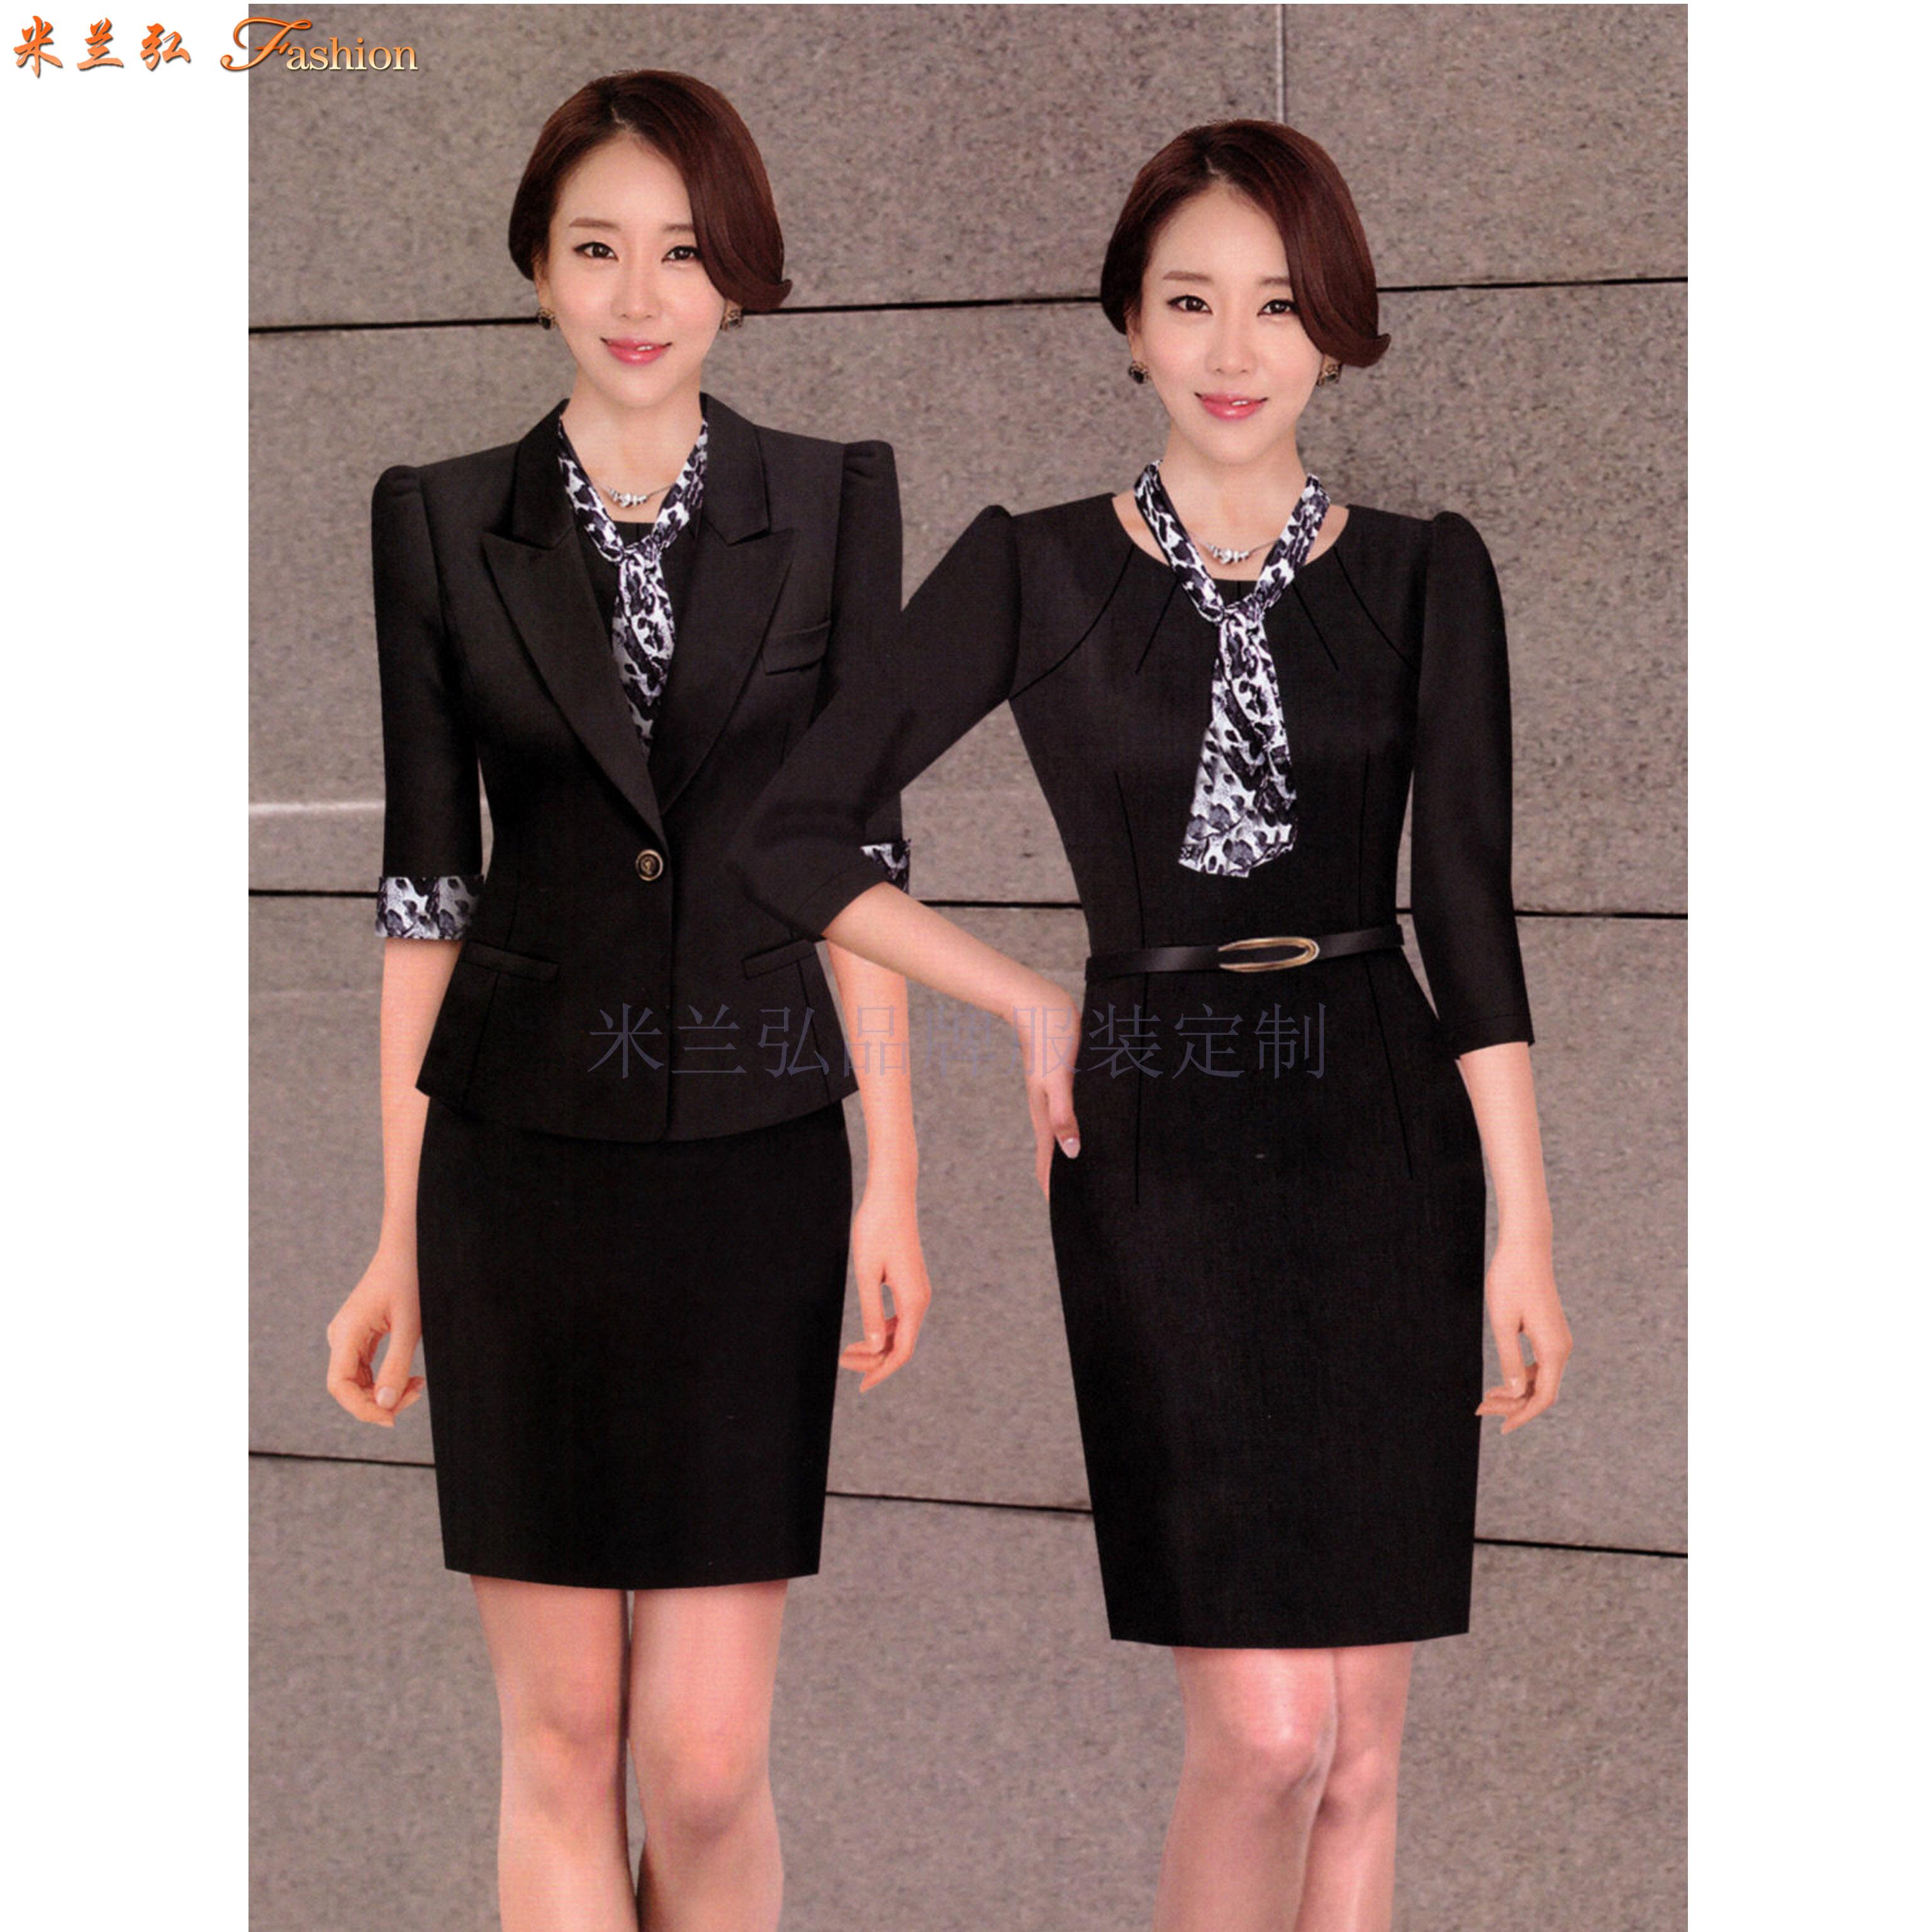 「聊城市職業裝」聊城市量身定做OL女式職業裝-米蘭弘服裝-2